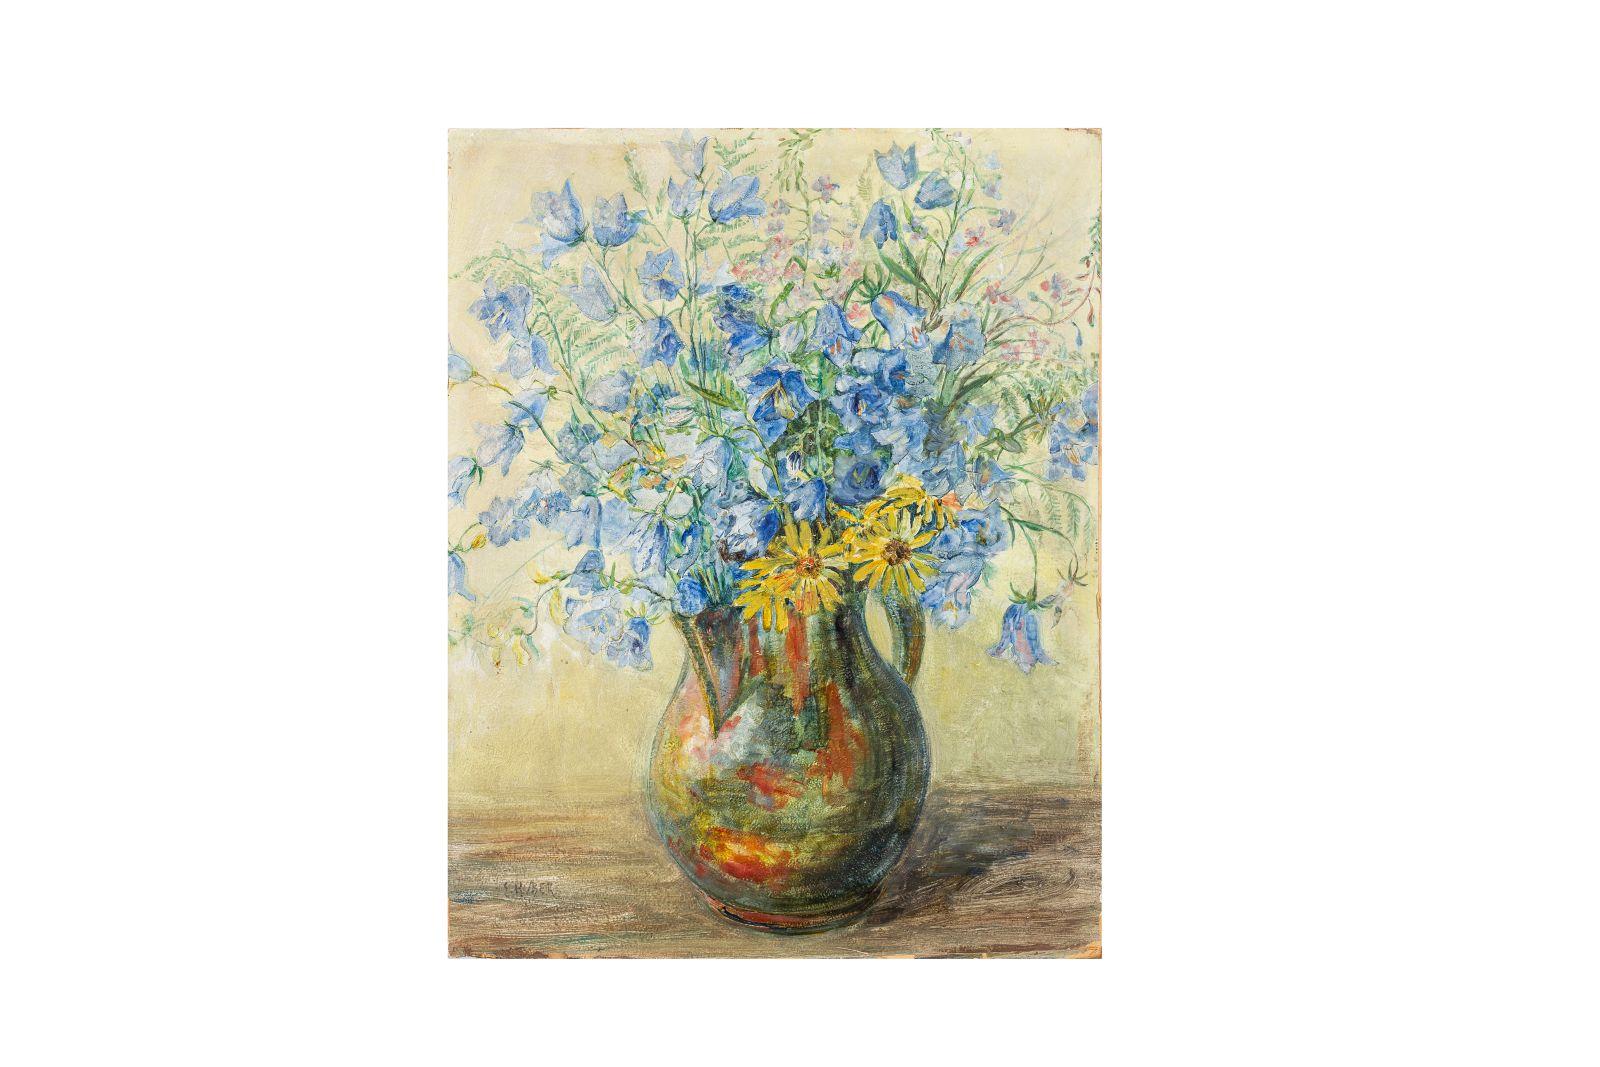 #45 Ernst Huber (1895-1960), flower still life, around 1930 | Ernst Huber (1895-1960), Blumenstillleben, um 1930 Image